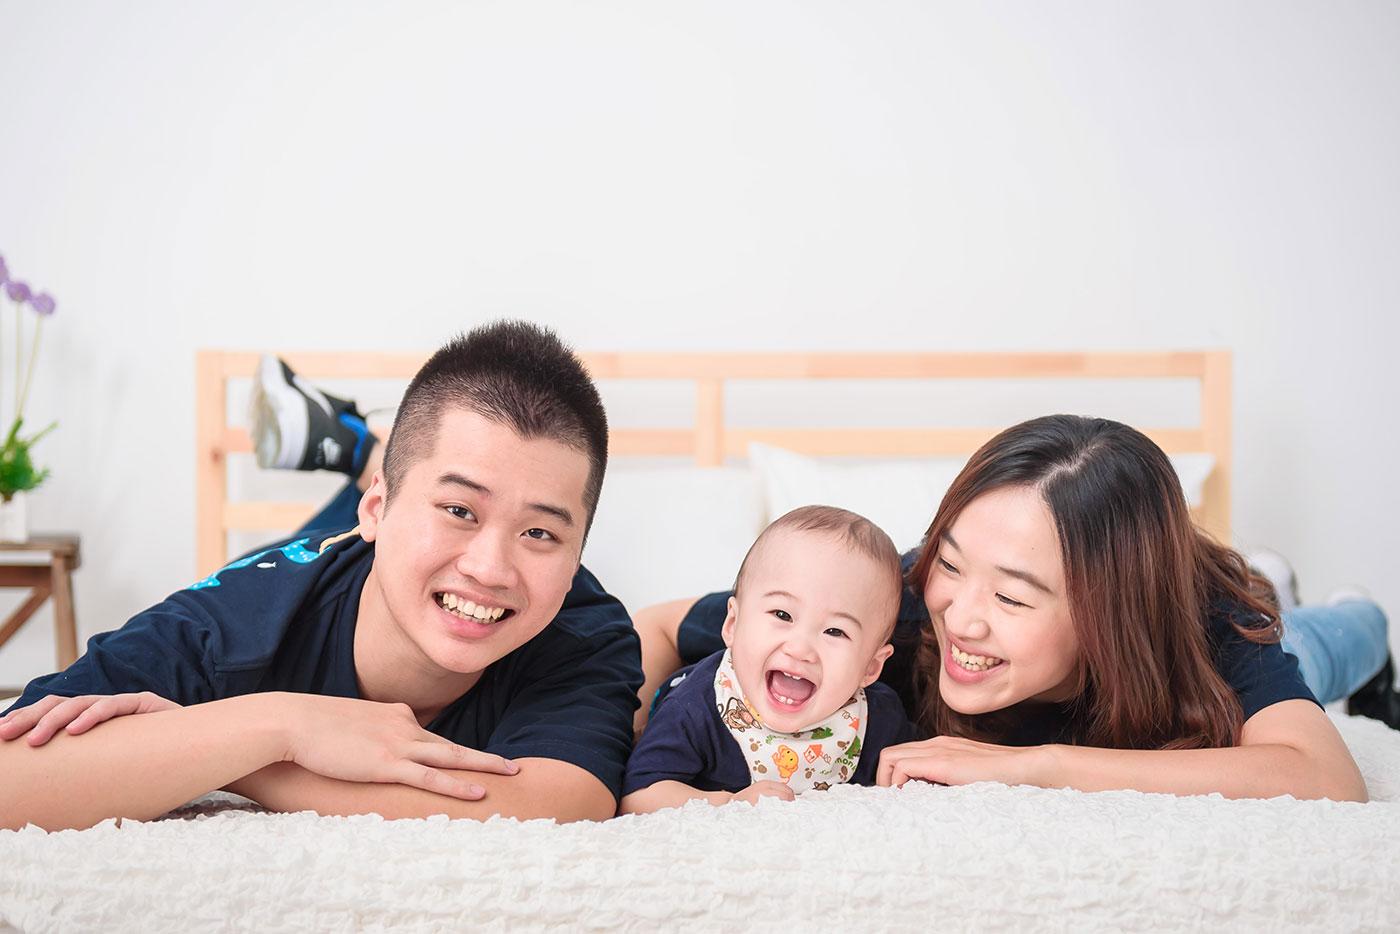 寶寶寫真 寶寶棚拍 親子寫真 一家人溫馨合照